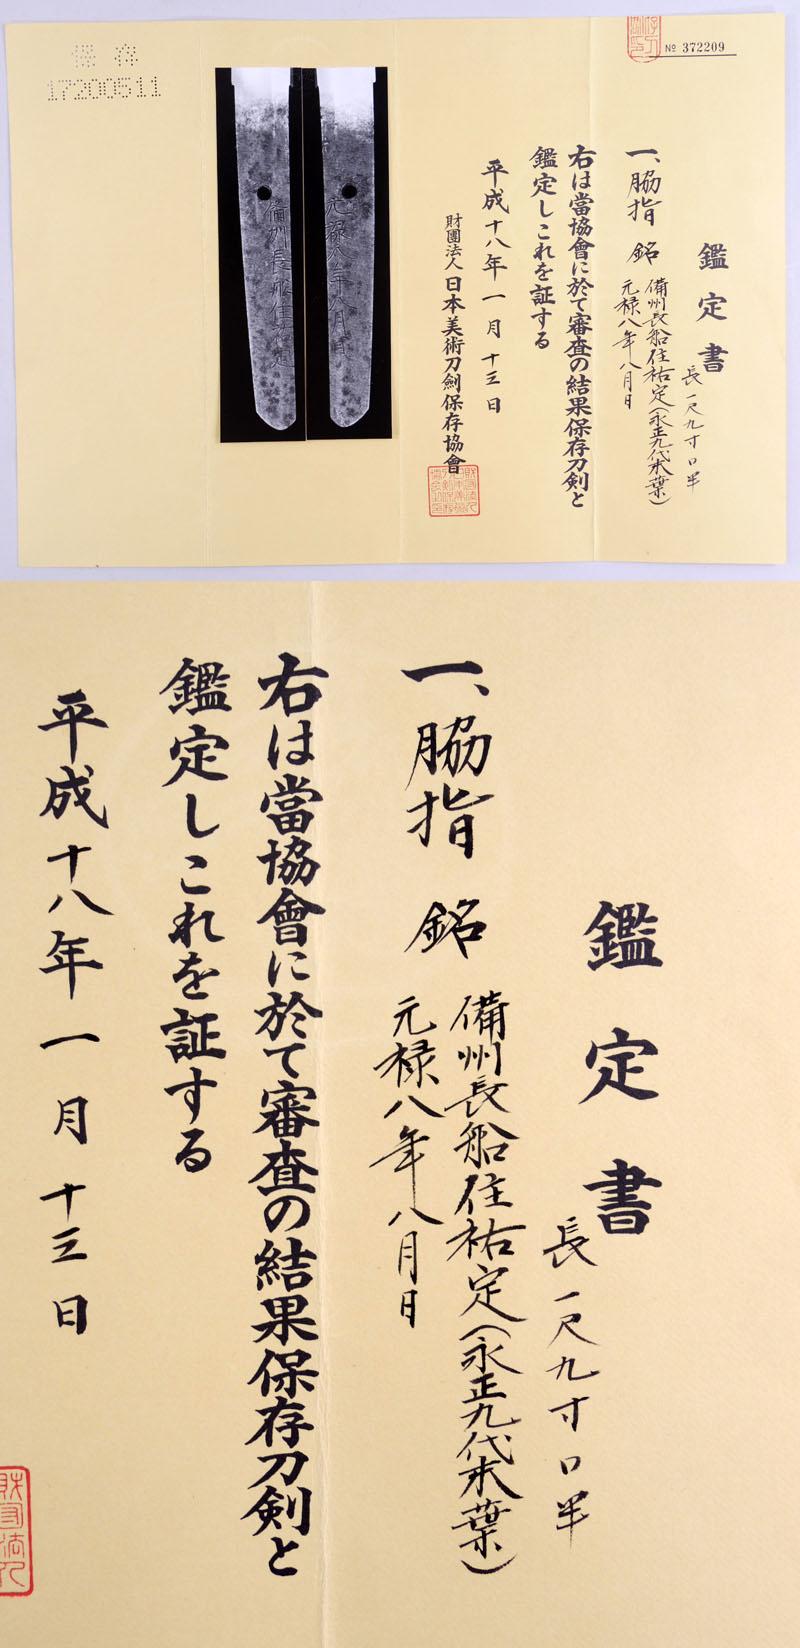 備州長船住祐定 Picture of Certificate